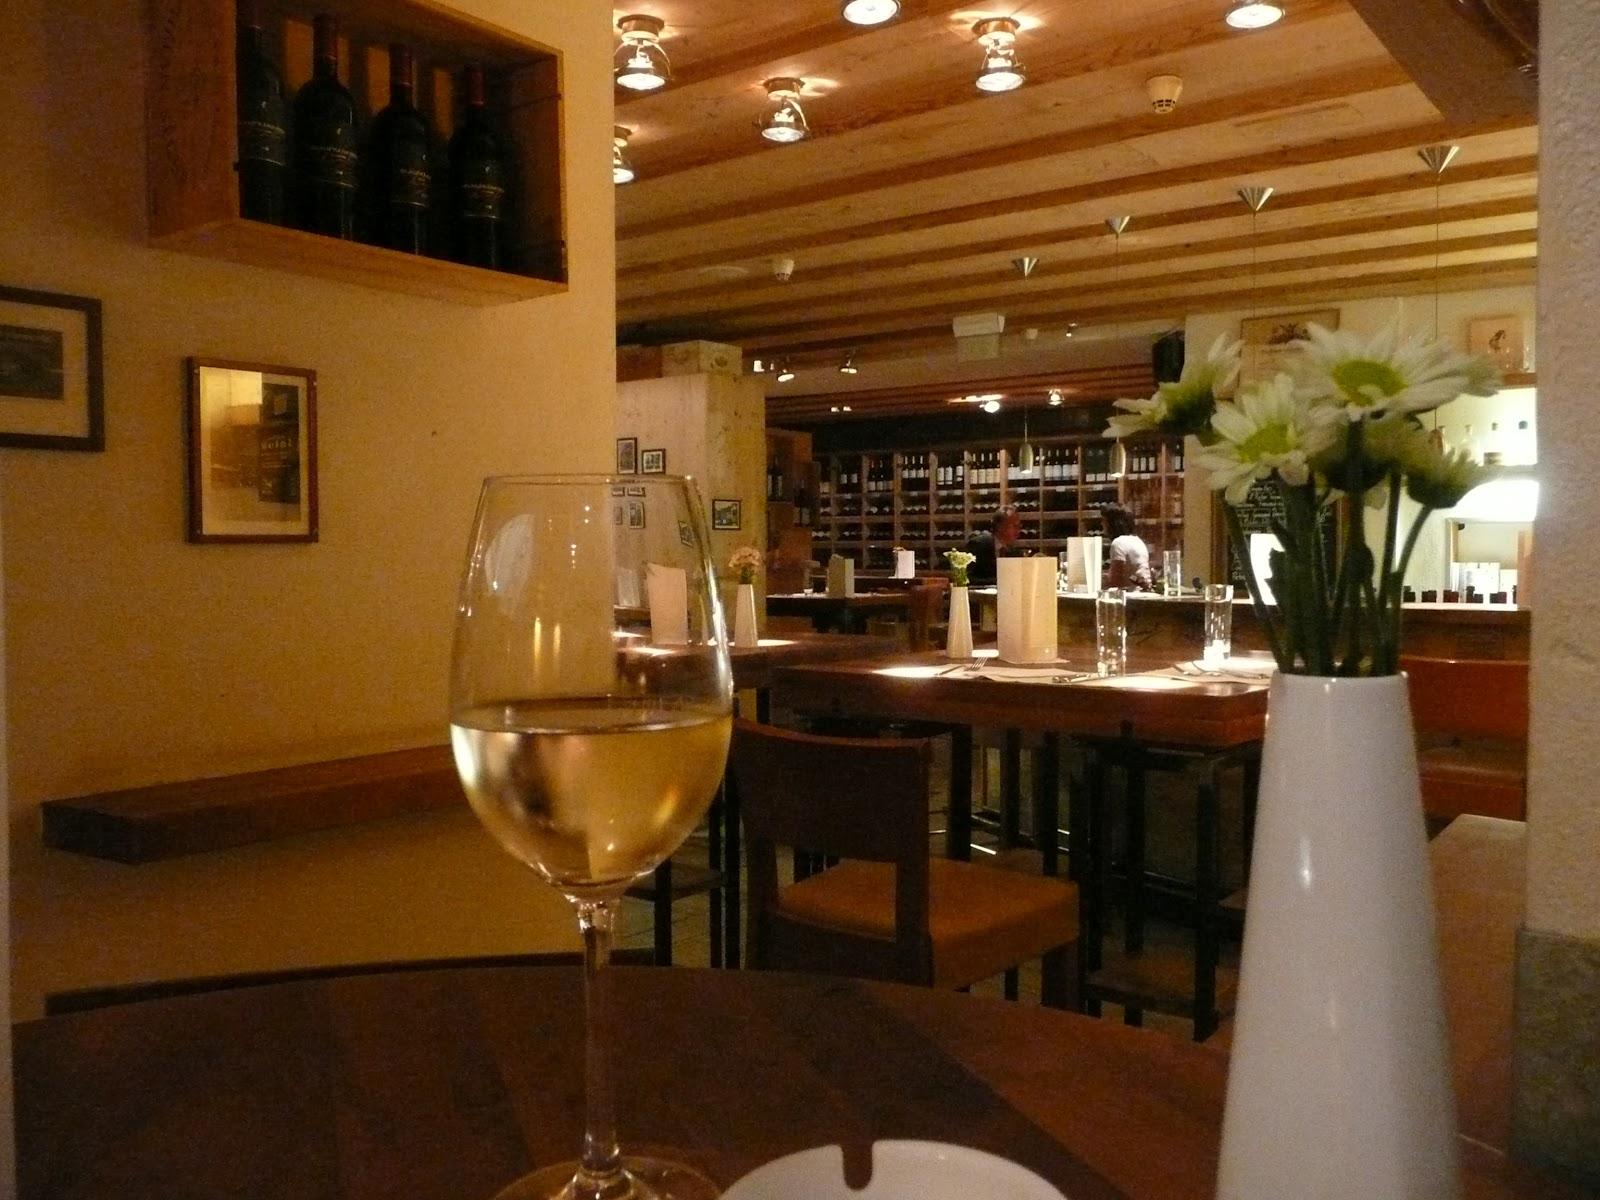 Bar Wohnzimmer Wien Die Besten 25 Kcheninsel Ideen Auf Insel